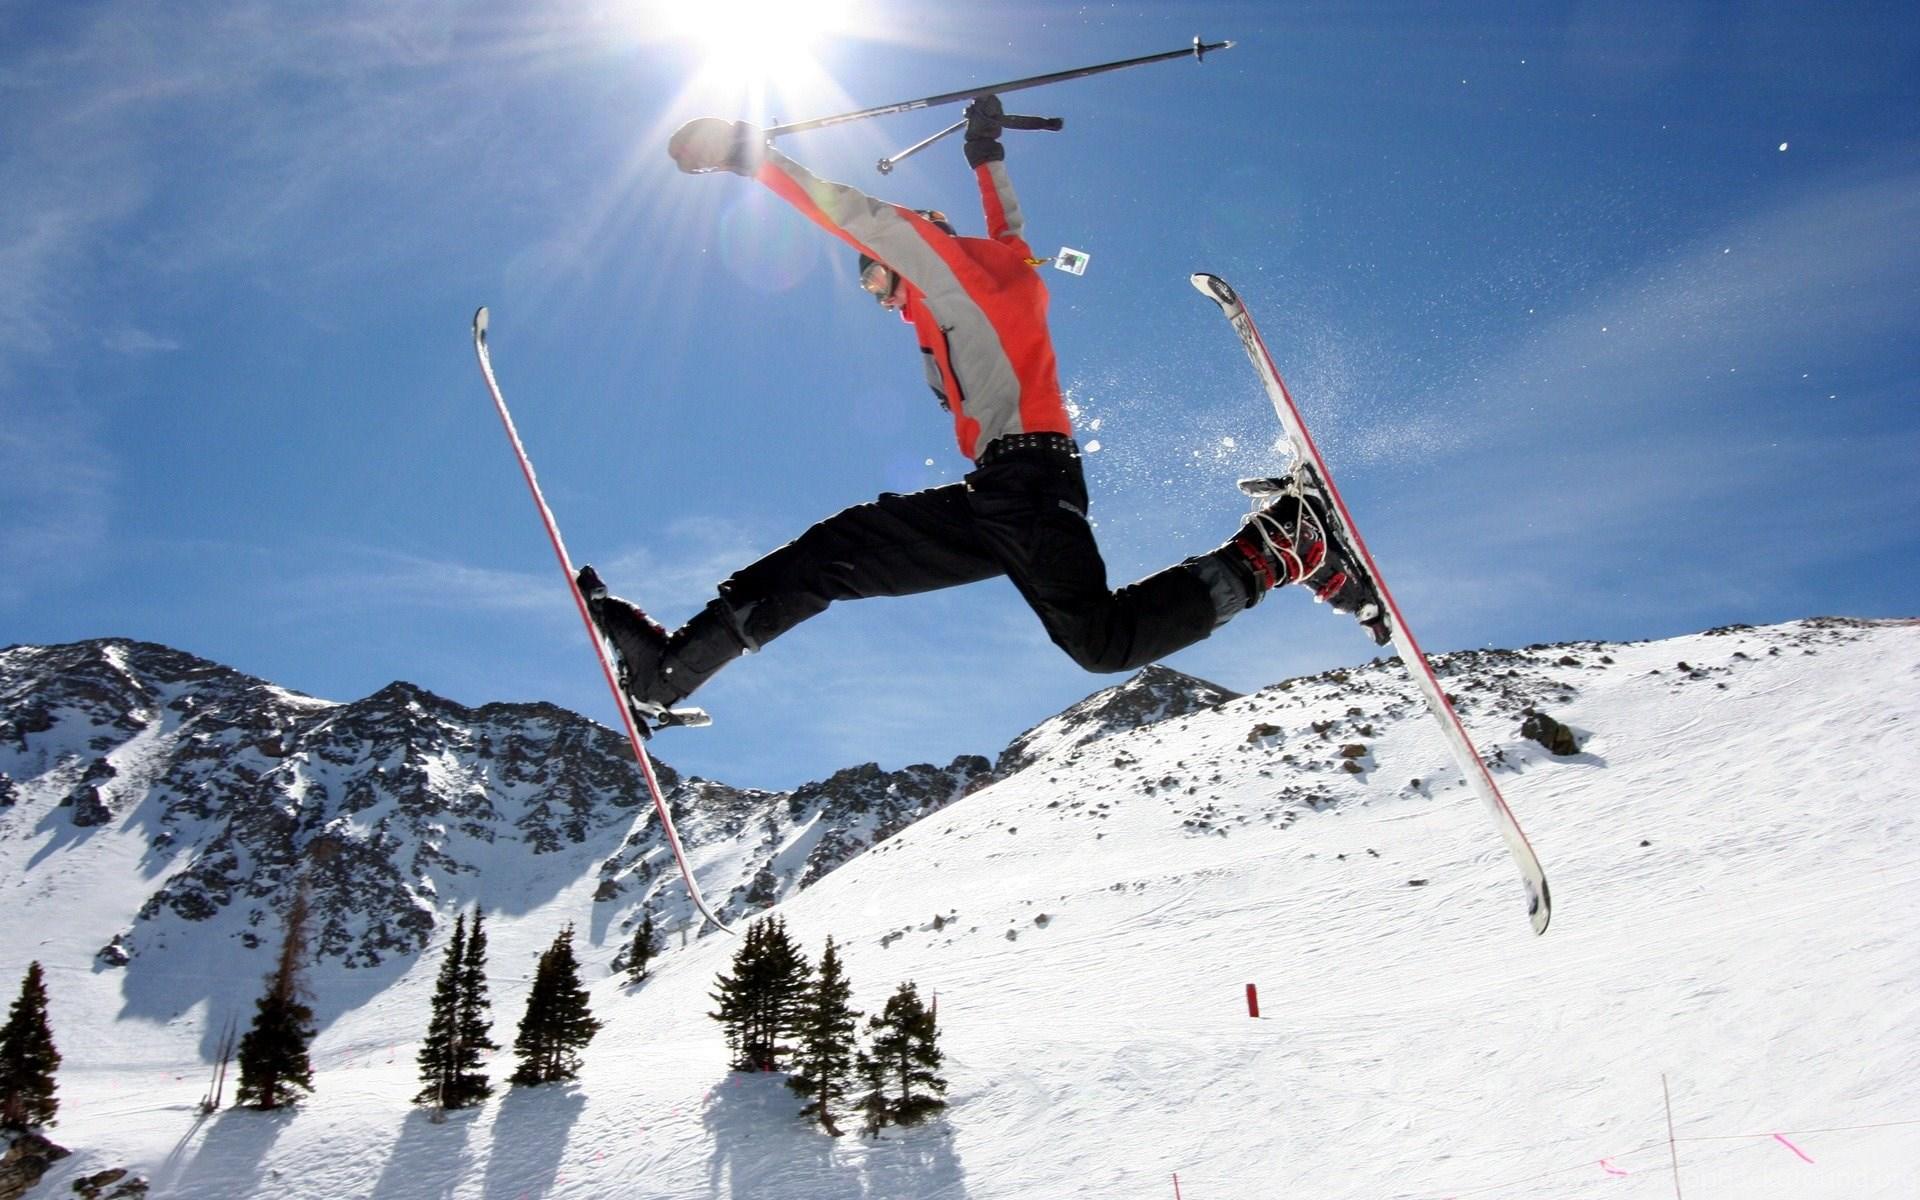 Download Ski Jump Wallpapers Ski Sports Wallpapers 1920x1200 ... f9a8777ad2f